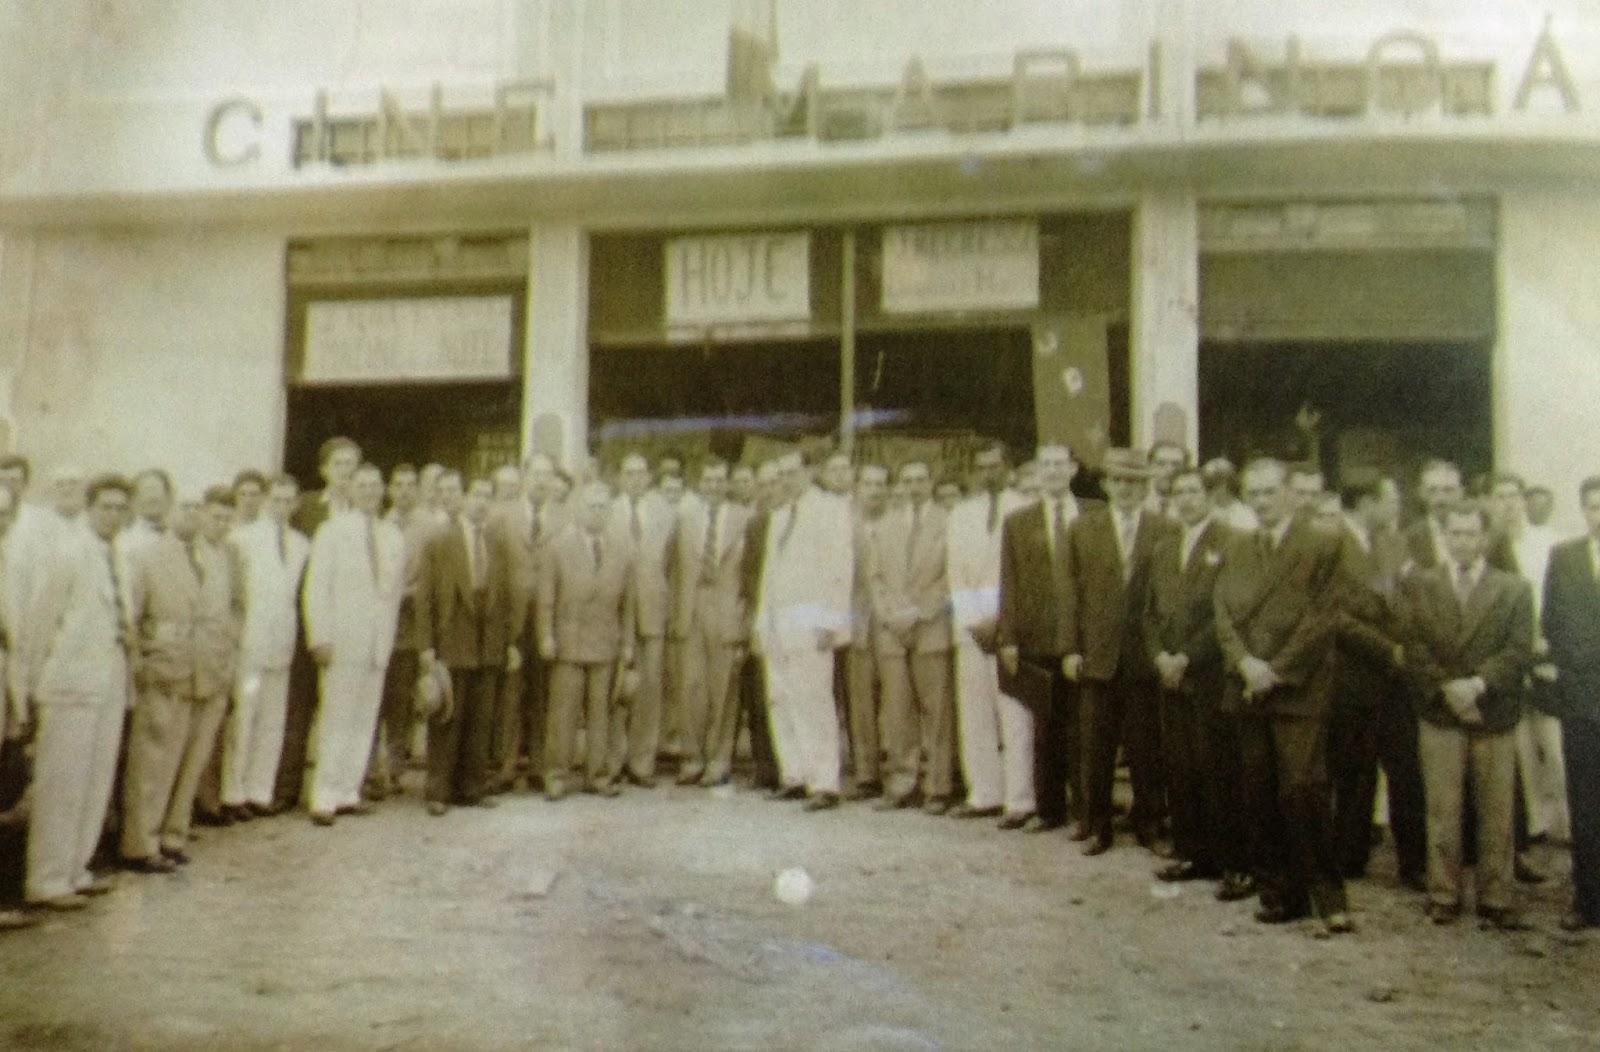 Inauguração do Cine Maringá - Avenida Brasil